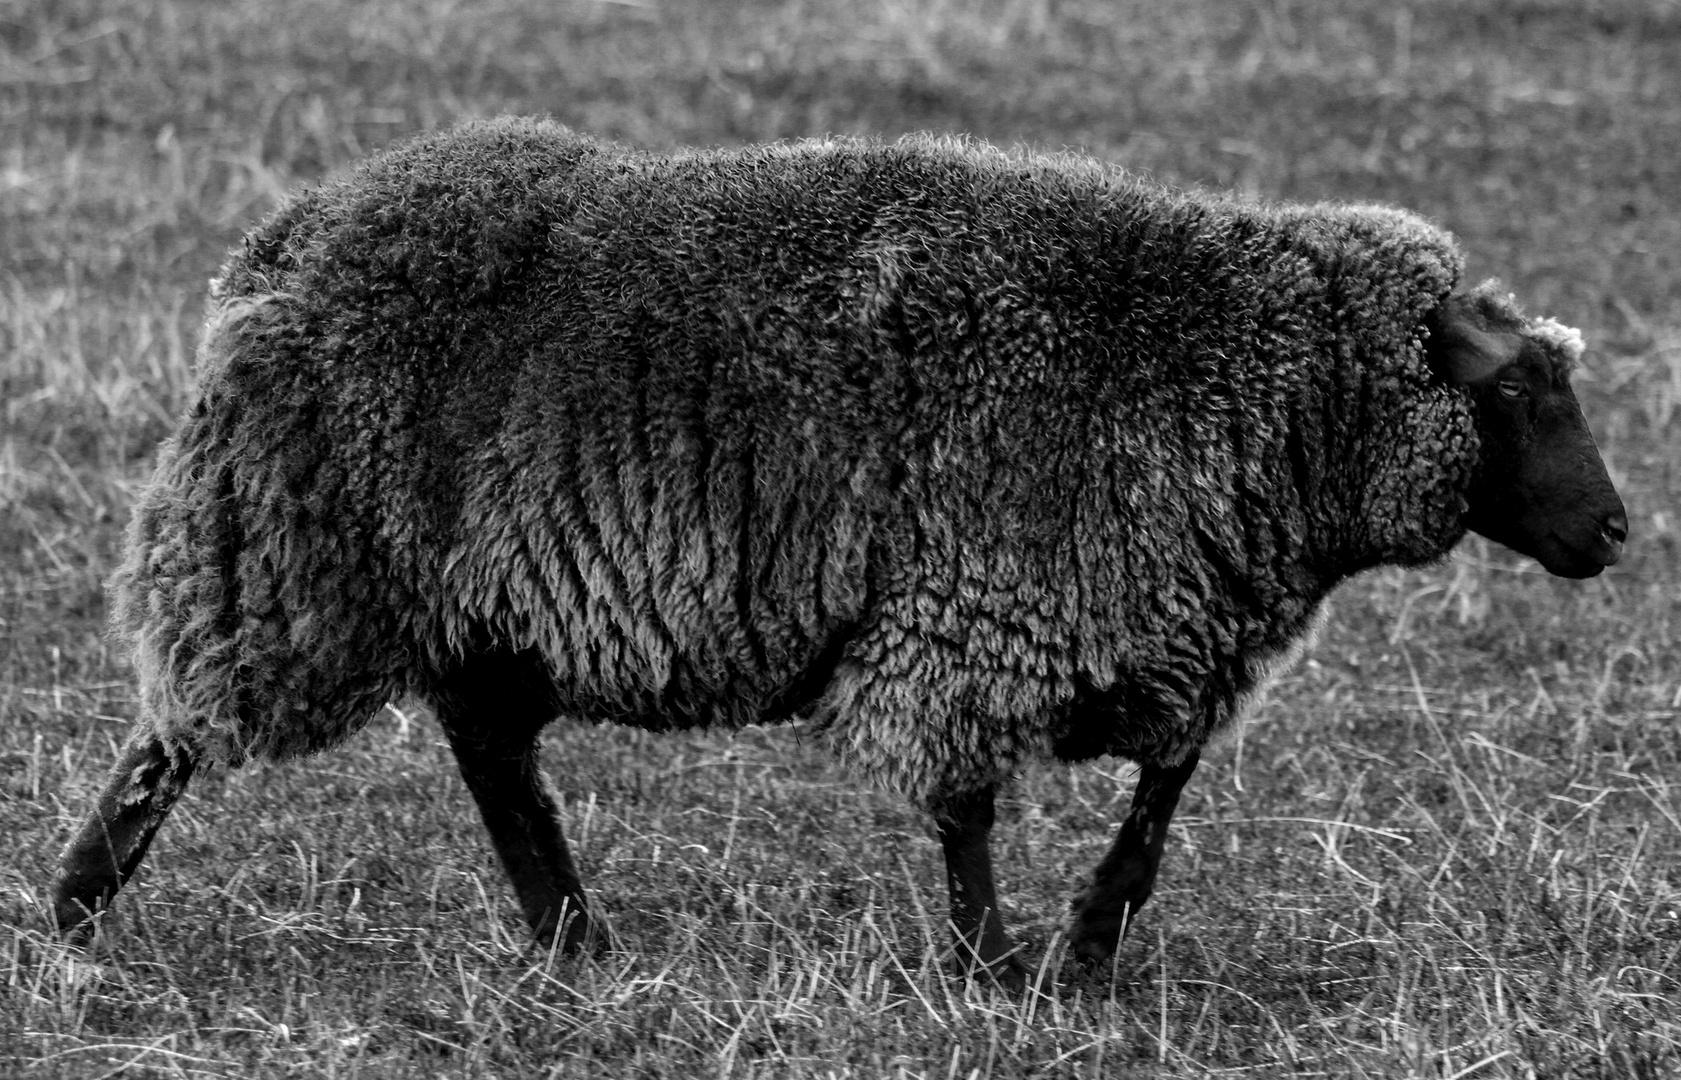 Das schwarze Schaf auf der Insel.